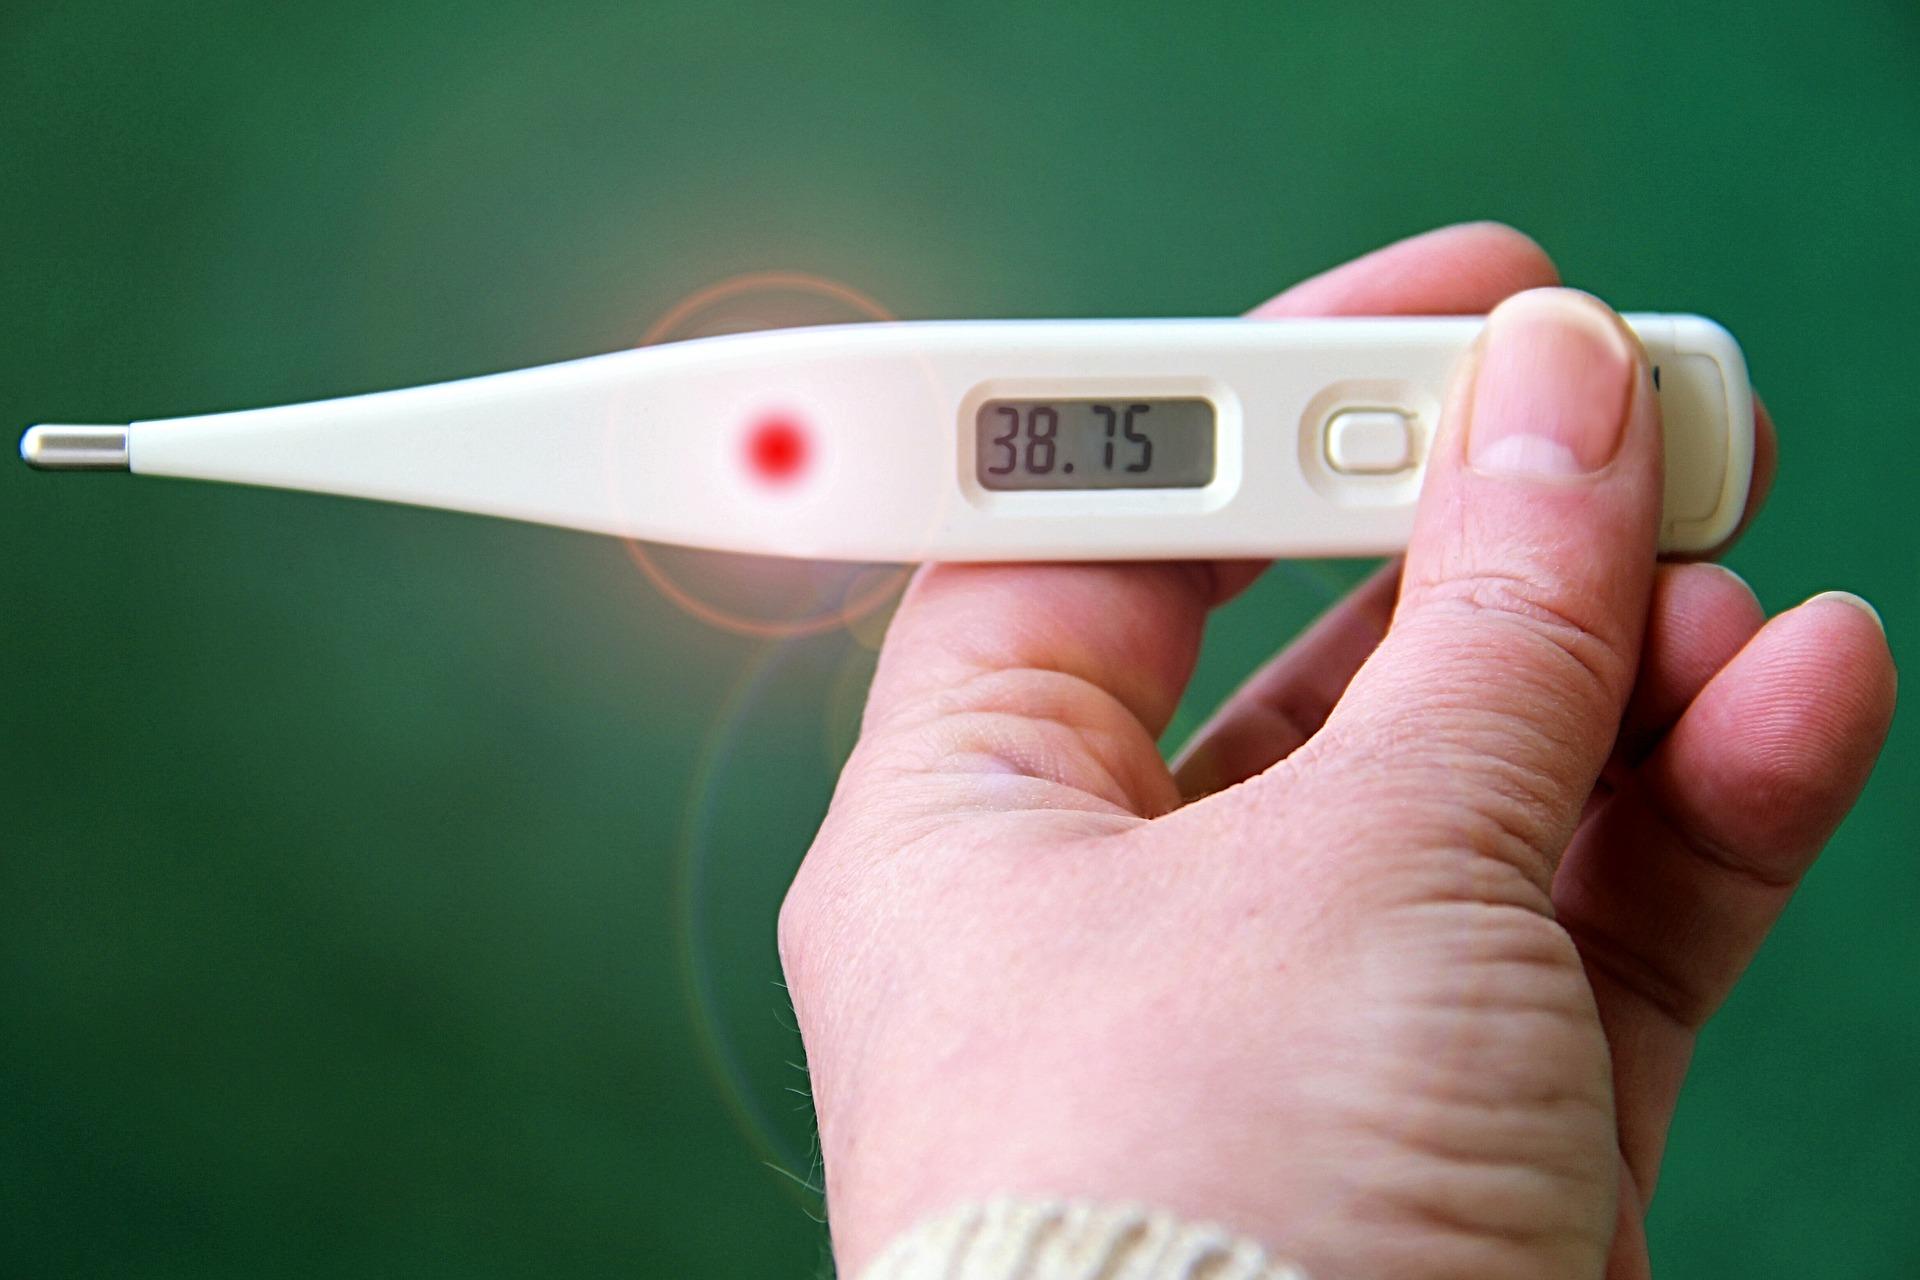 孕前最易忽视的三项检查 一旦病变后果严重